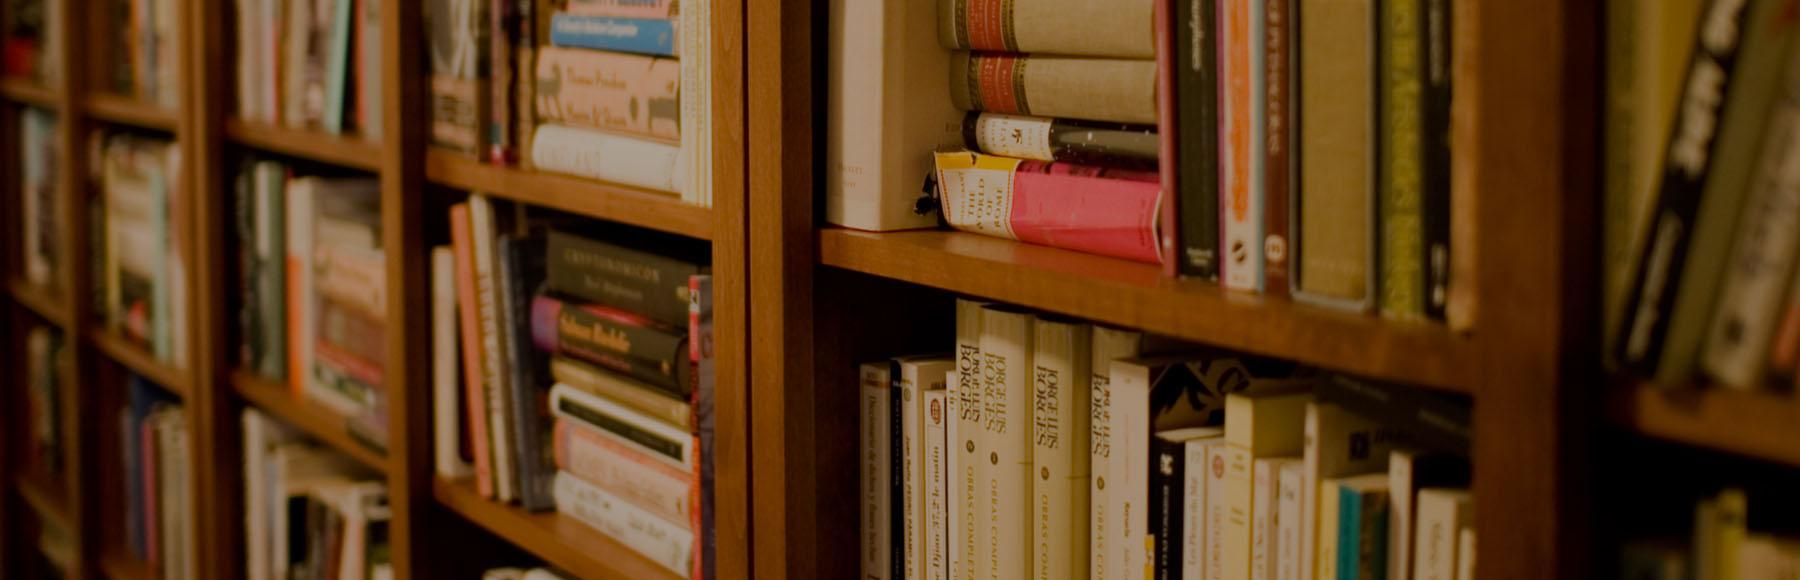 Bookshelf_HP